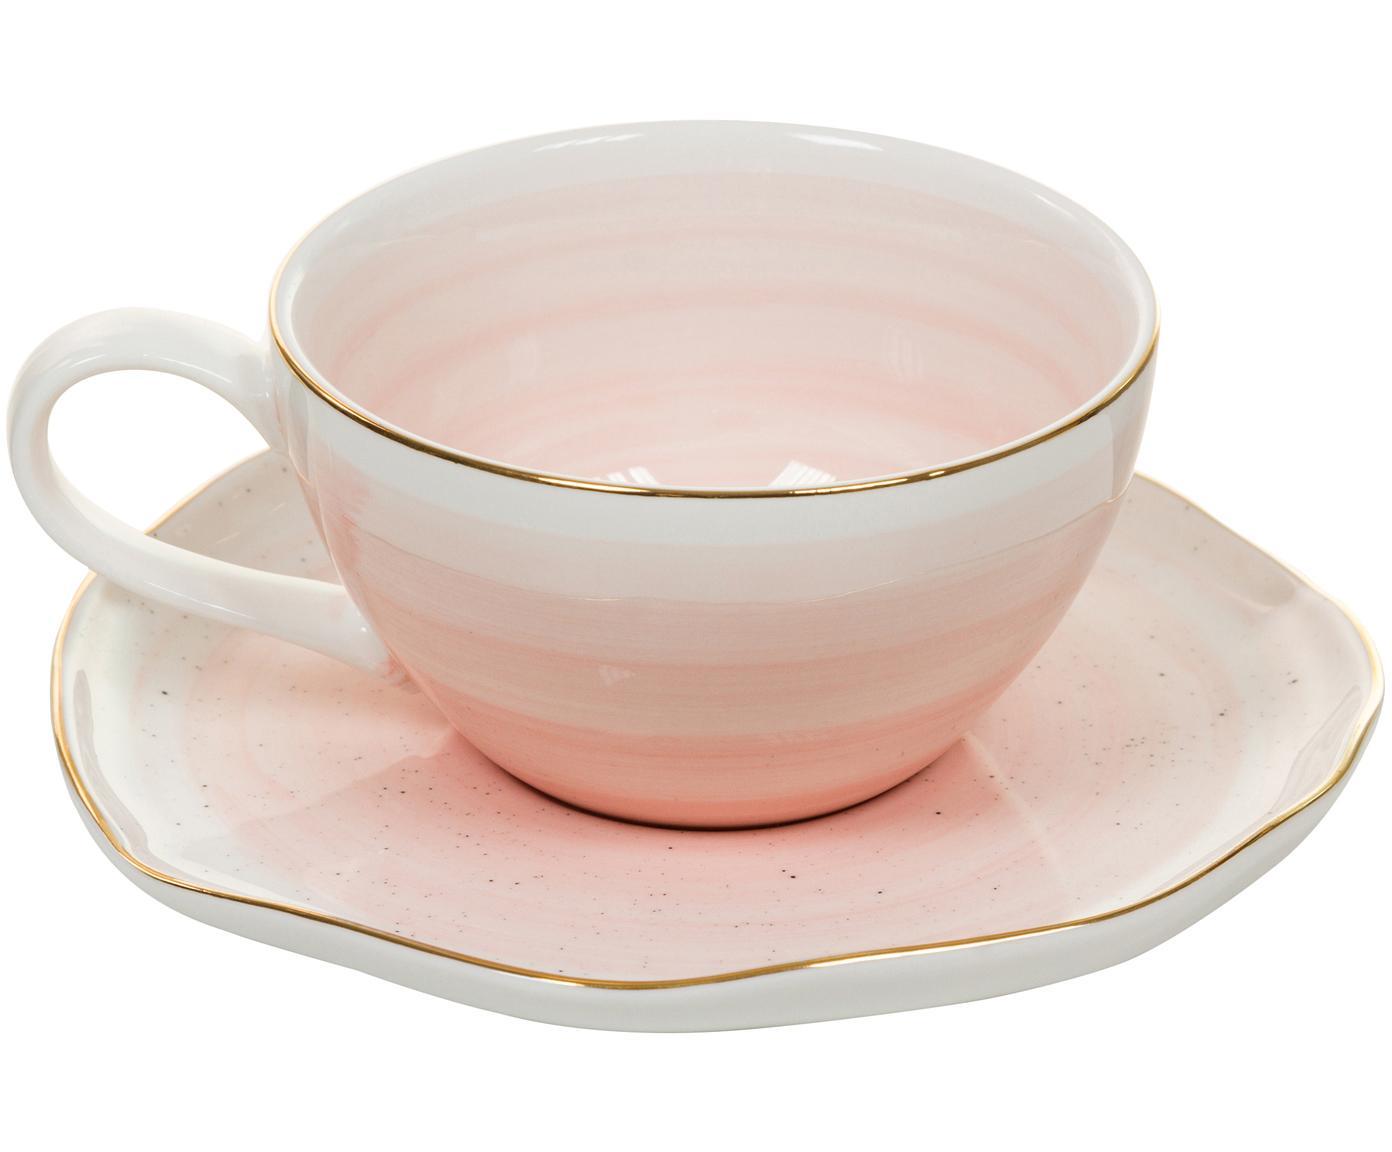 Handgefertigtes Tassen-Set Bol mit Goldrand, 4-tlg., Porzellan, Rosa, Ø 10 x H 6 cm